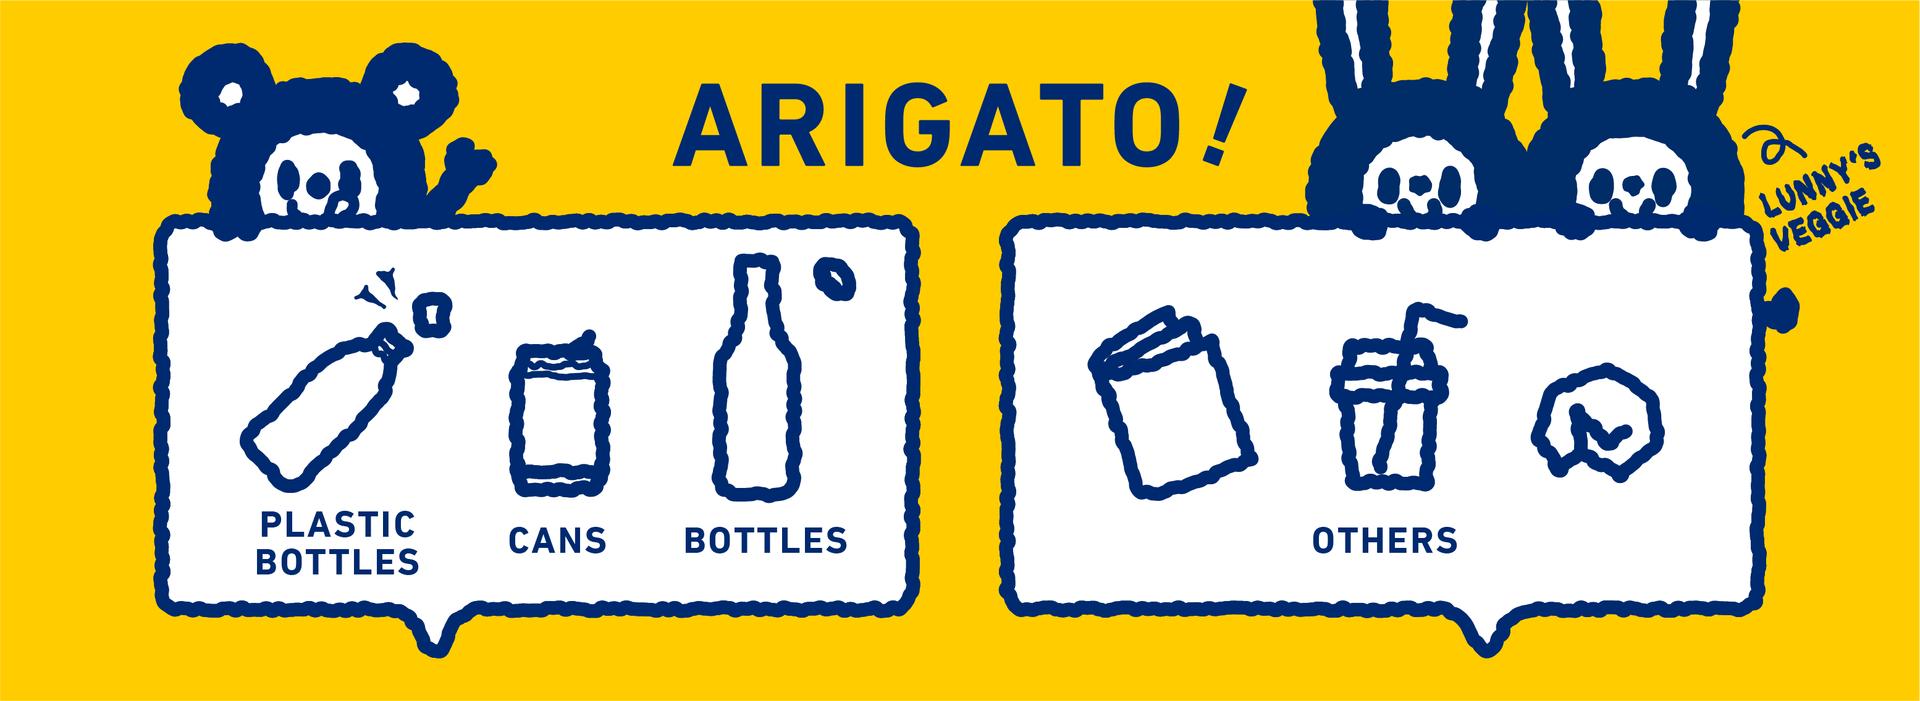 arigato-board-sample-11.png